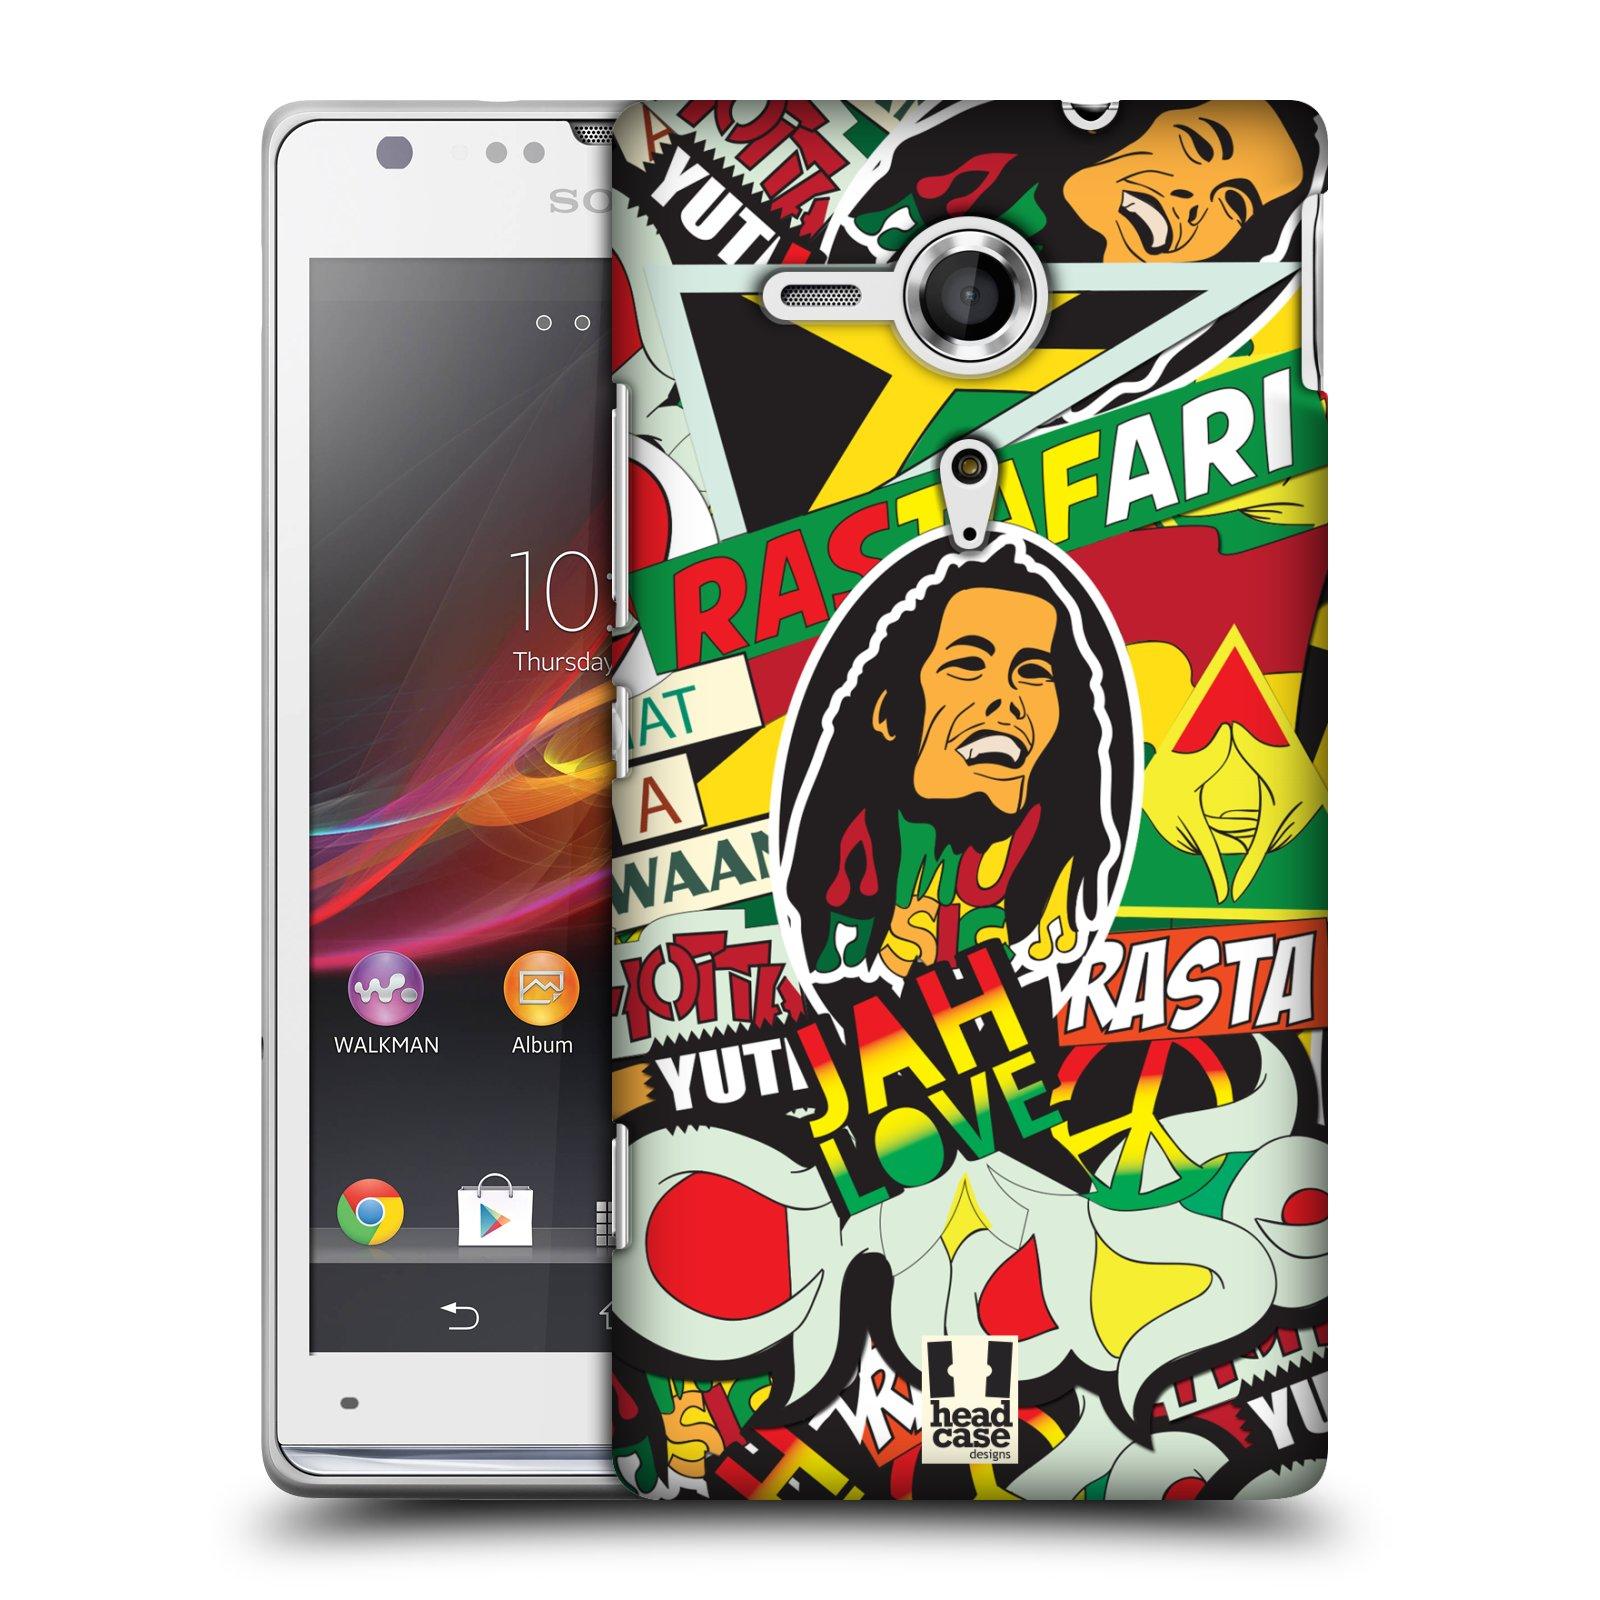 Plastové pouzdro na mobil Sony Xperia SP C5303 HEAD CASE RASTA (Kryt či obal na mobilní telefon Sony Xperia SP )